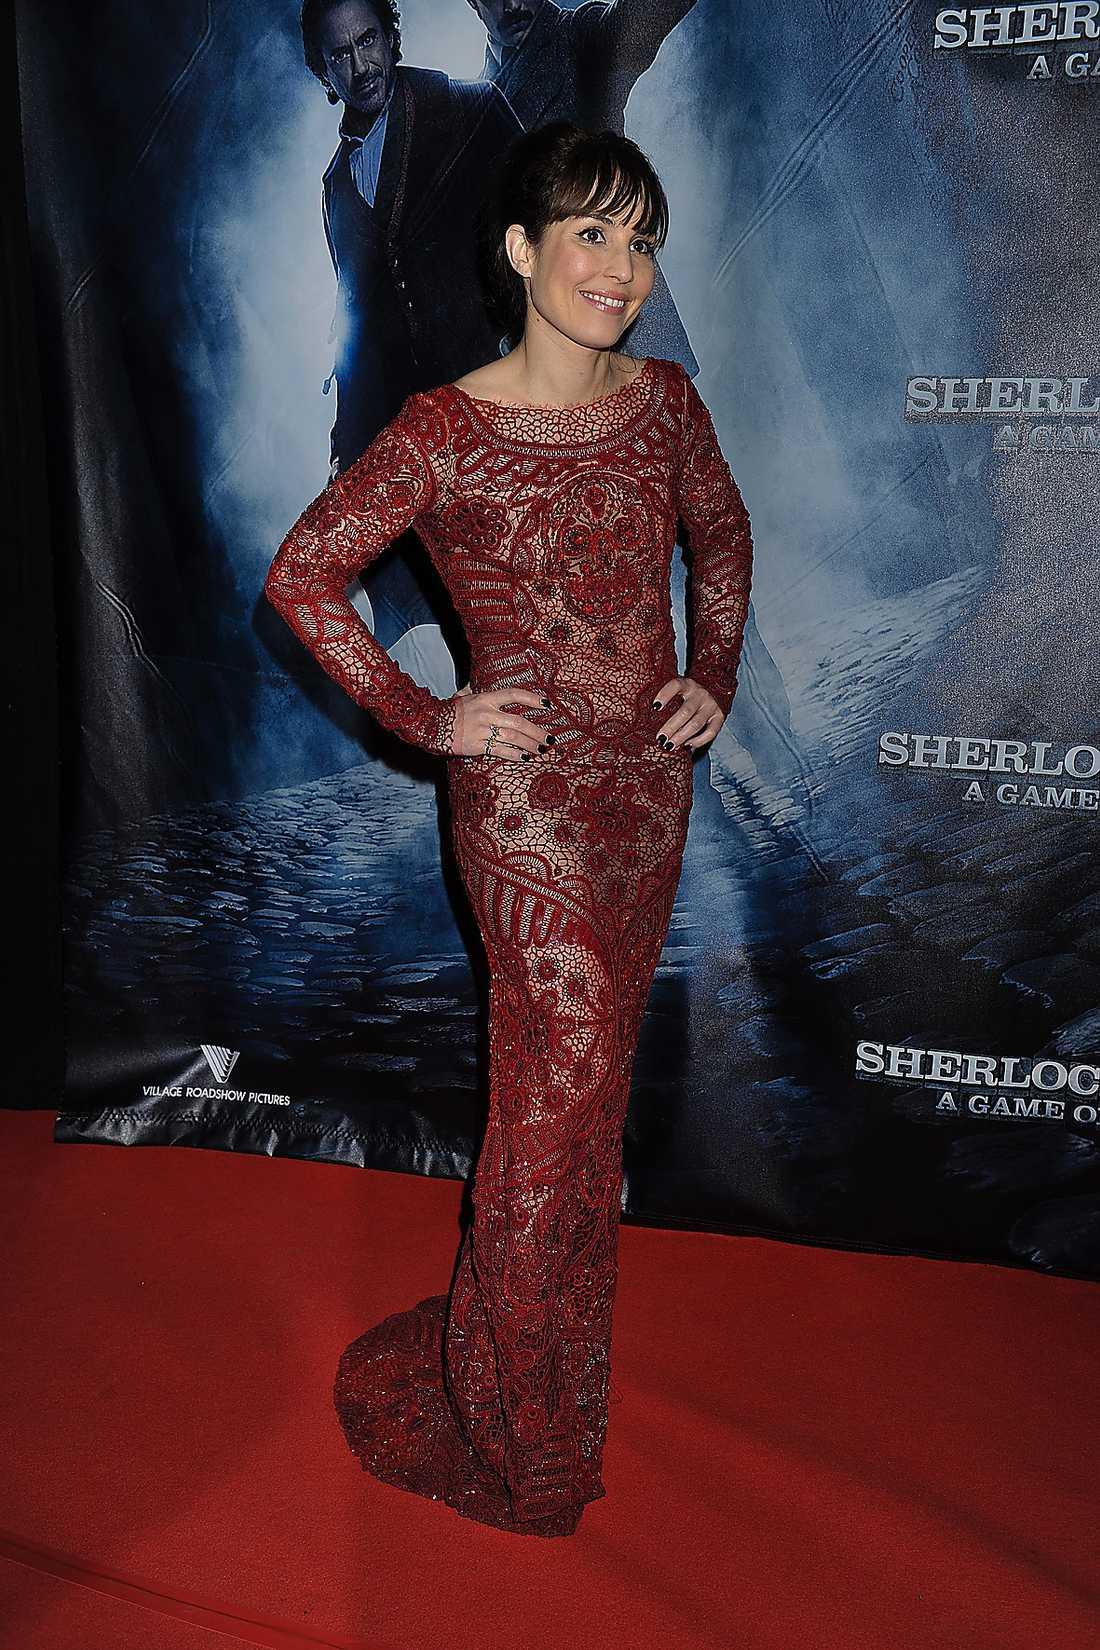 """Galapremiären av """"Sherlock Holmes 2"""" lockade många kändisar till biograf Saga i Stockholm i går eftermiddags. Som representant för filmen fanns Hollywoodebutanten Noomi Rapace på plats för en blixtvisit på röda mattan."""